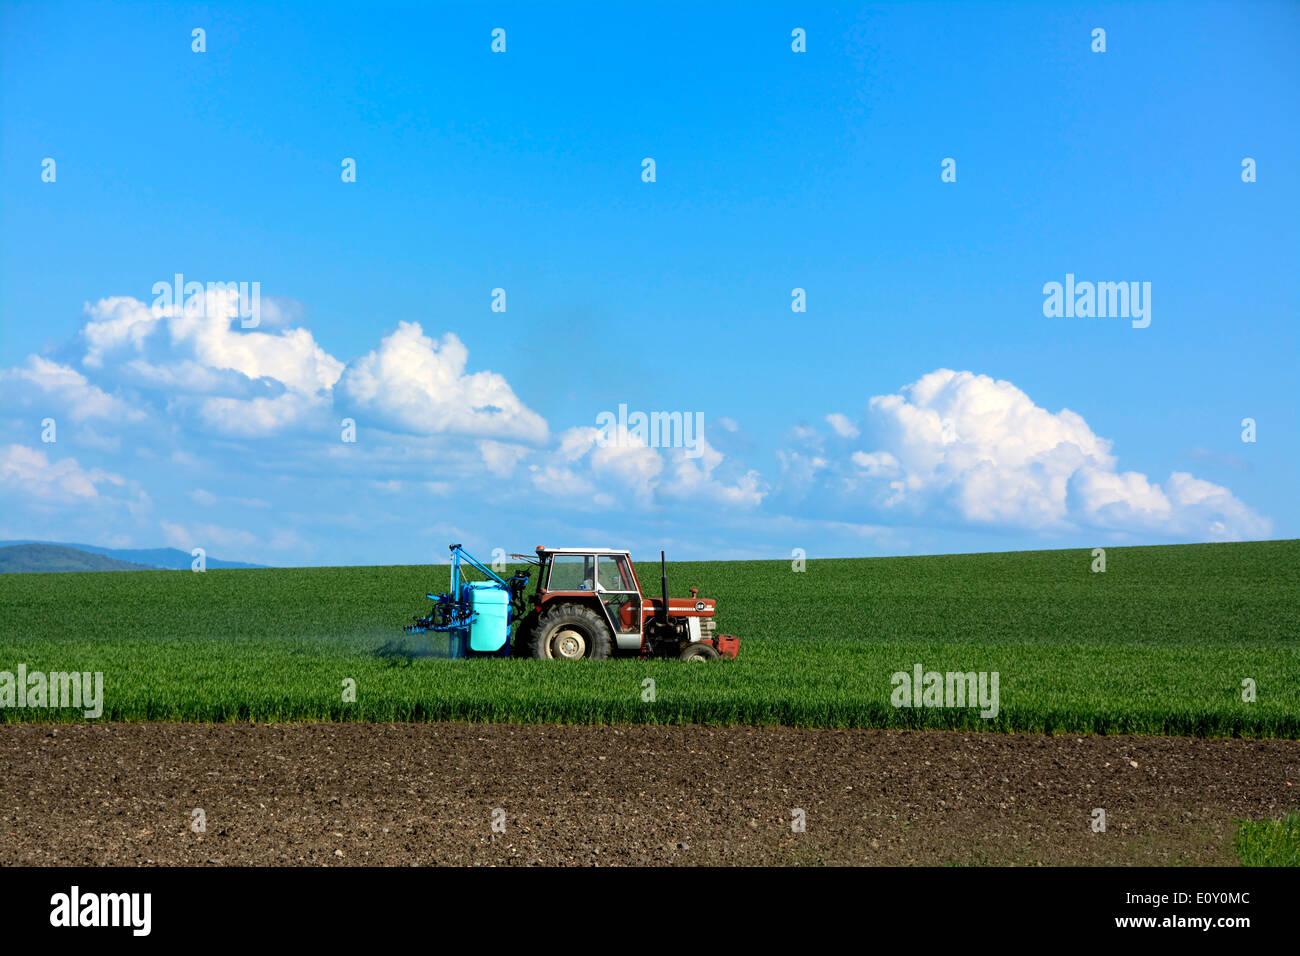 Tractor en un campo agrícola Imagen De Stock